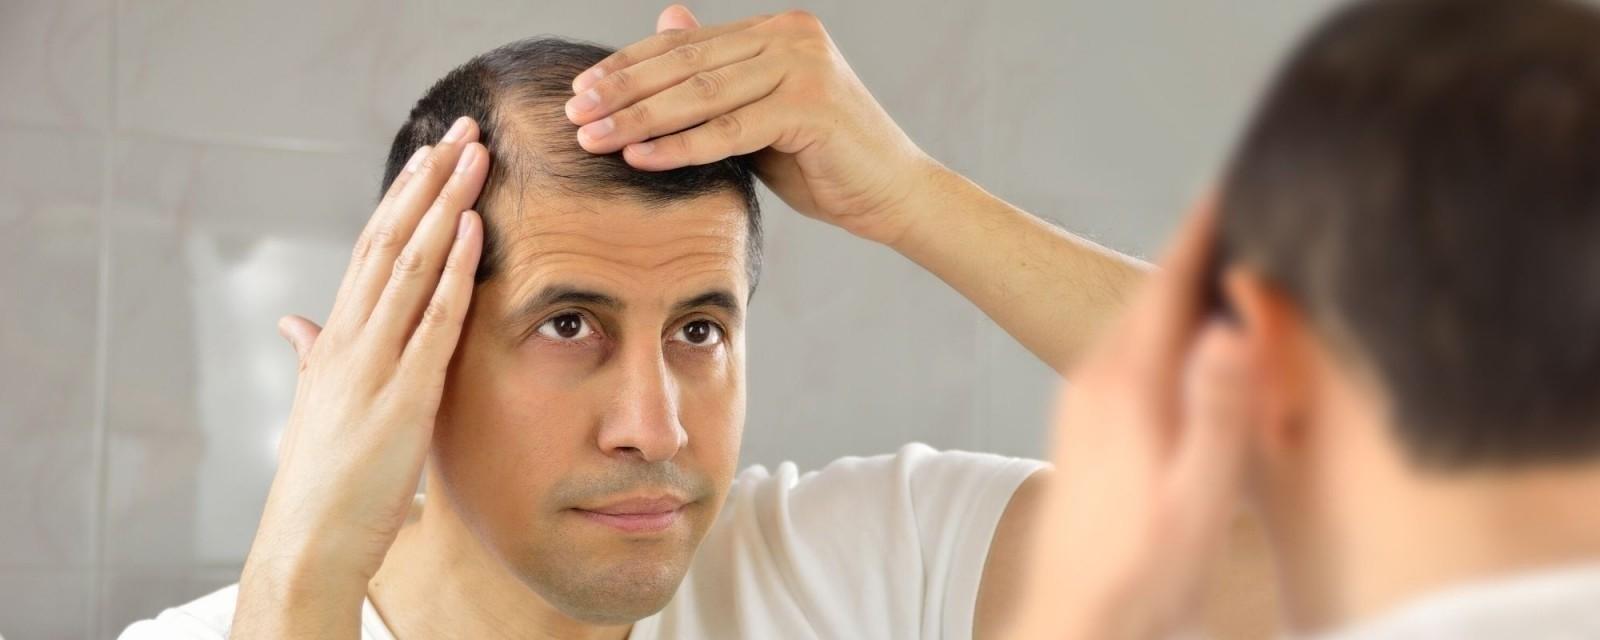 تساقط الشعر